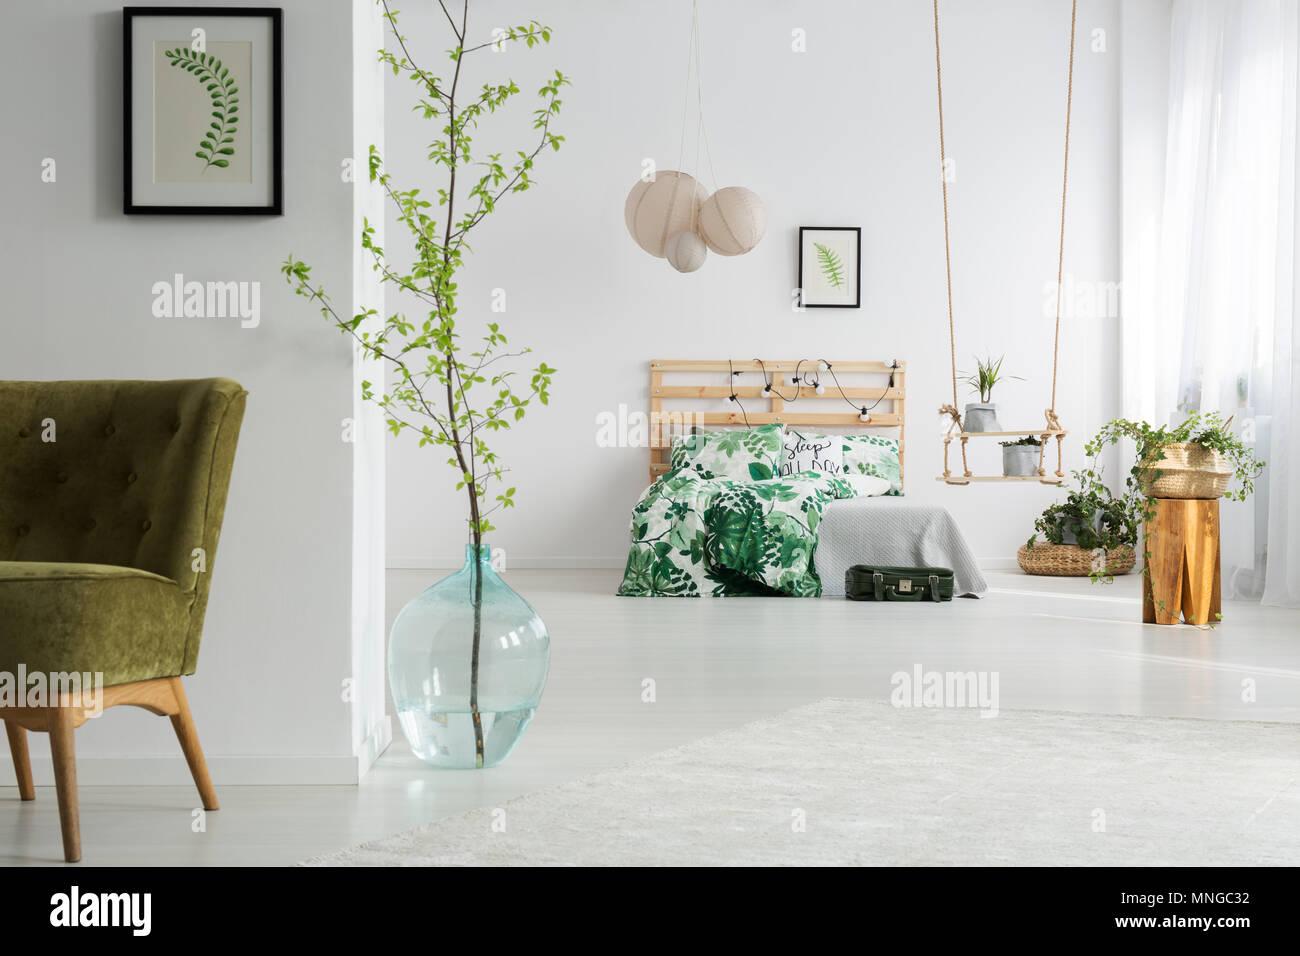 Grun Und Weiss Offenes Schlafzimmer Mit Bett Swing Und Sessel Stockfotografie Alamy